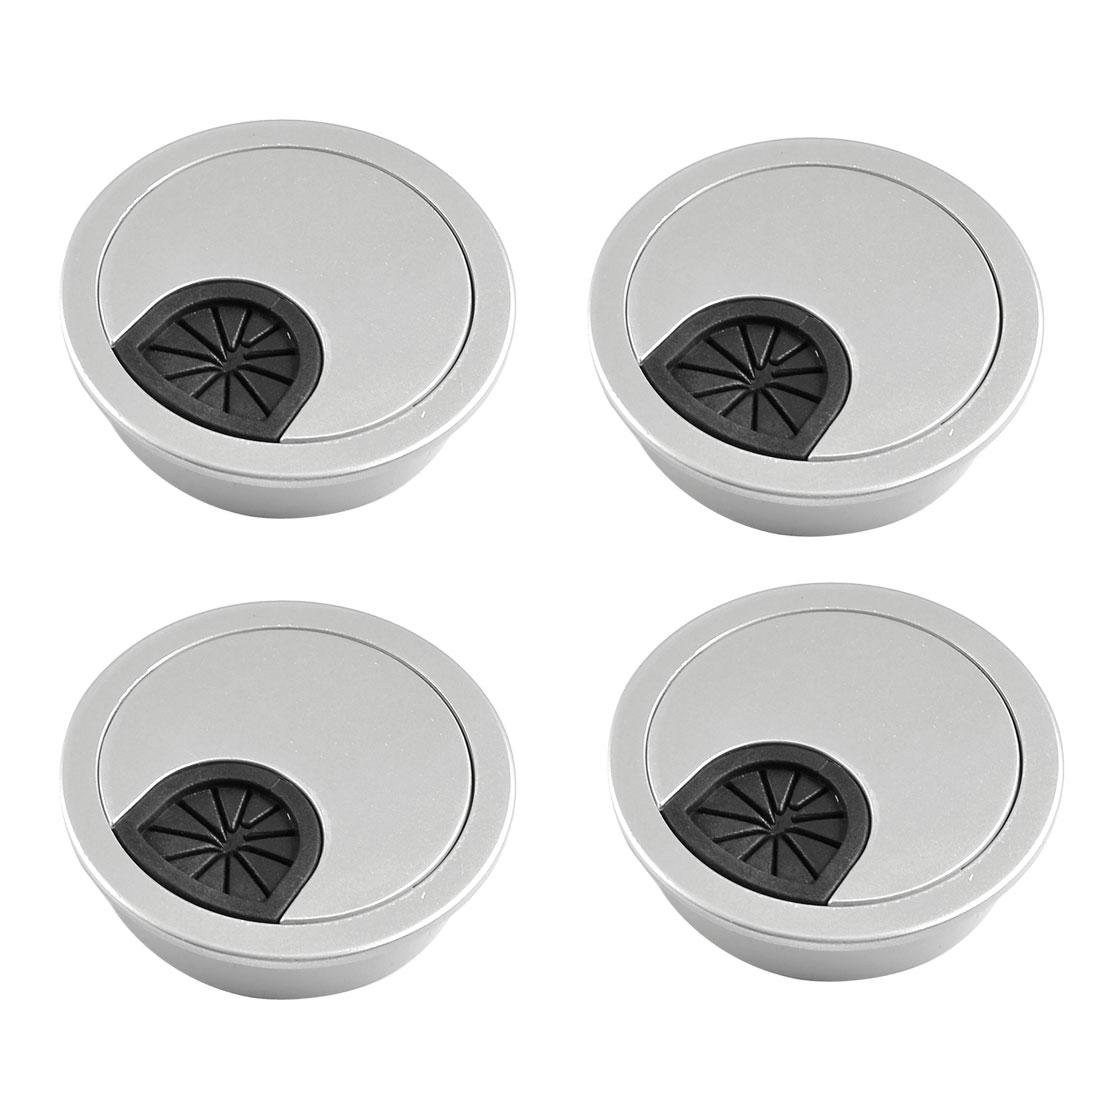 4 Pcs Round Shape Silver Tone Plastic Desk Grommet Table Hole Cover